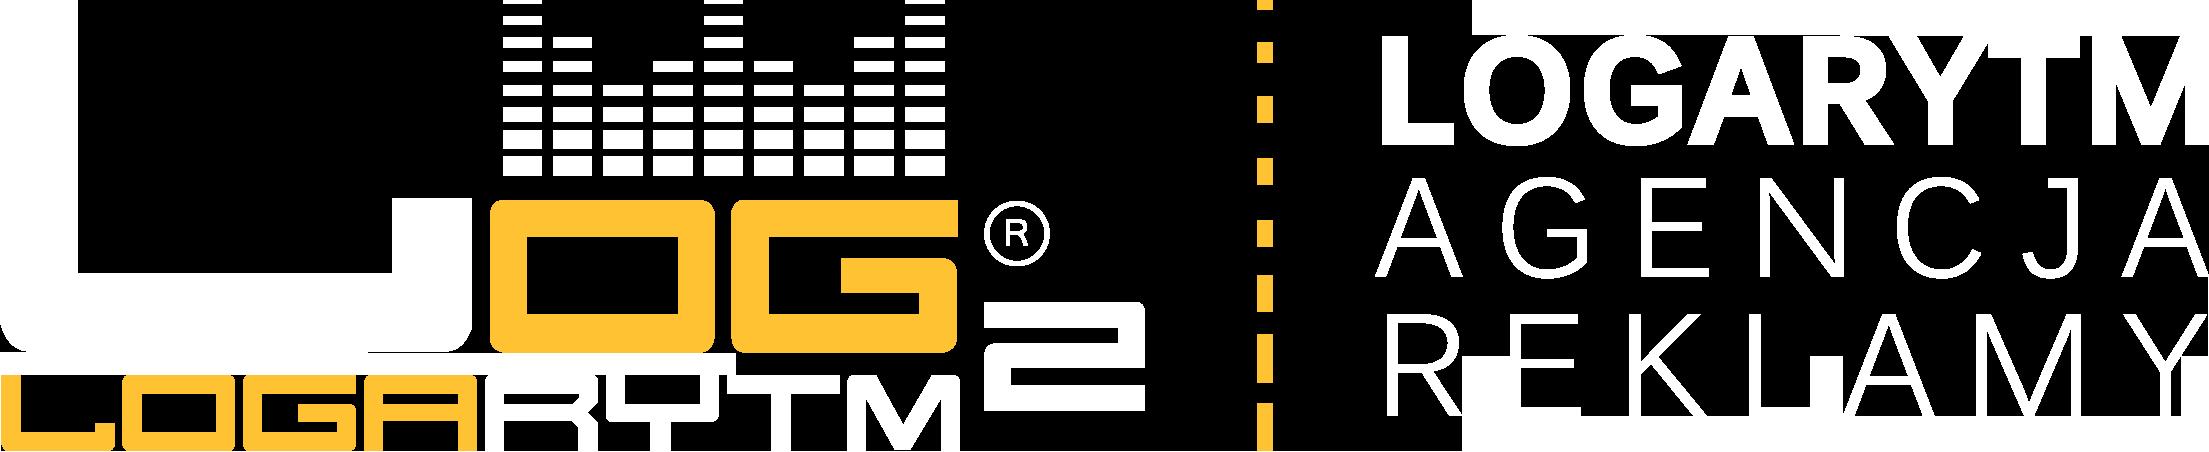 Logarytm Agencja Reklamy